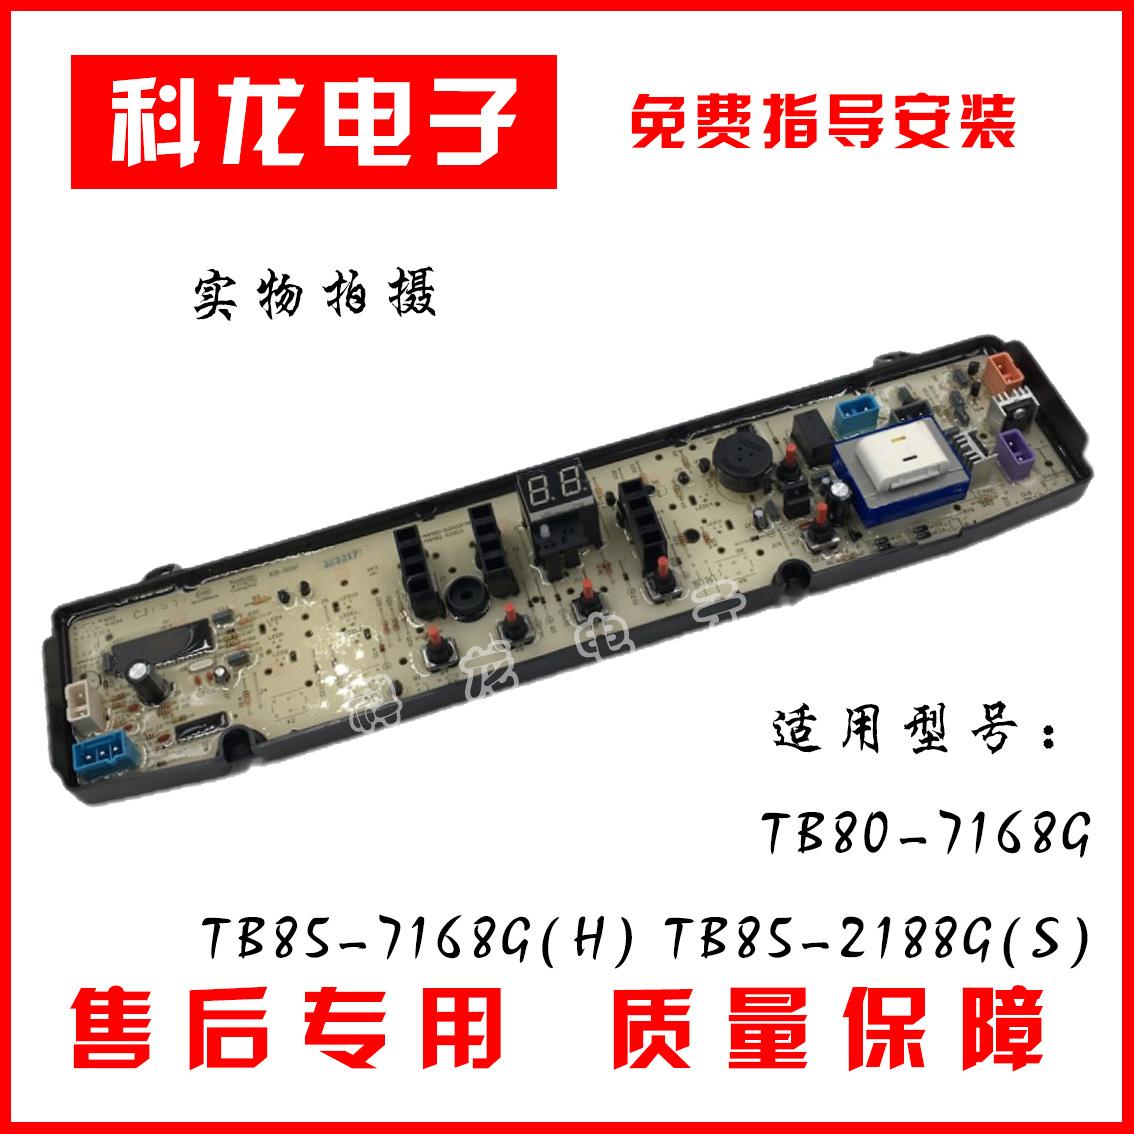 适用于小天鹅电脑板TB80-7168G TB85-7168G(H) TB85-2188G(S)主板